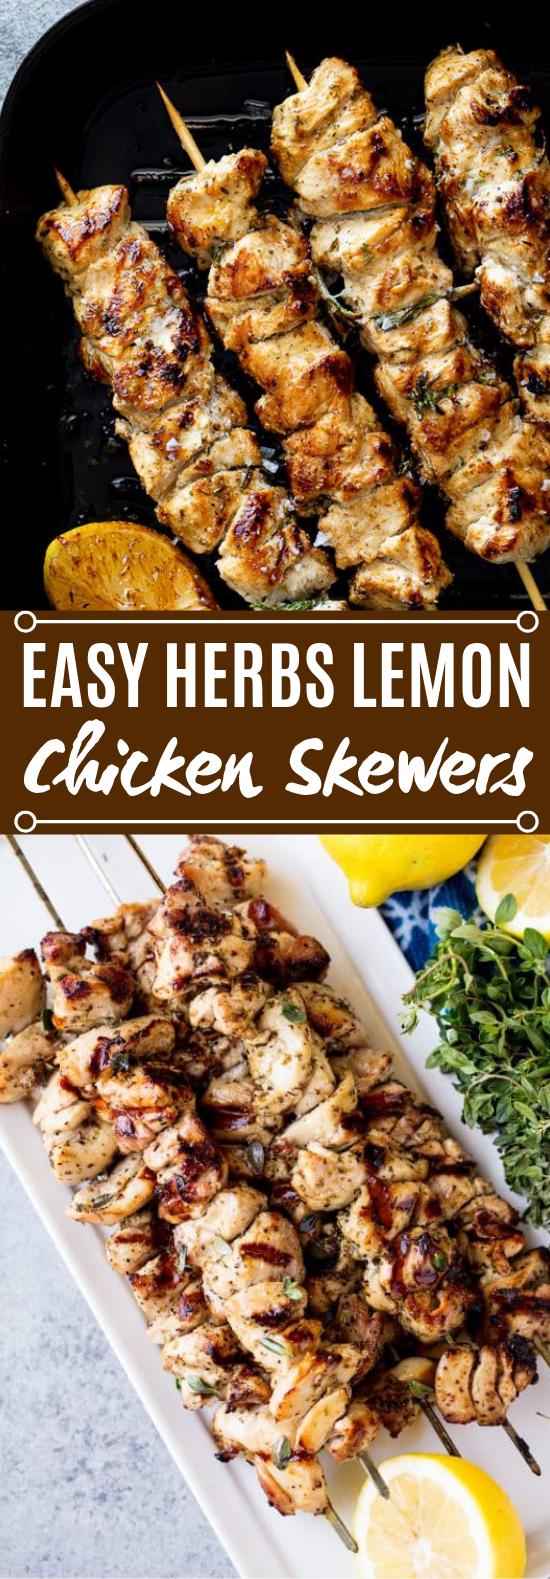 Easy Herby Lemon Chicken Skewers #dinner #grilling